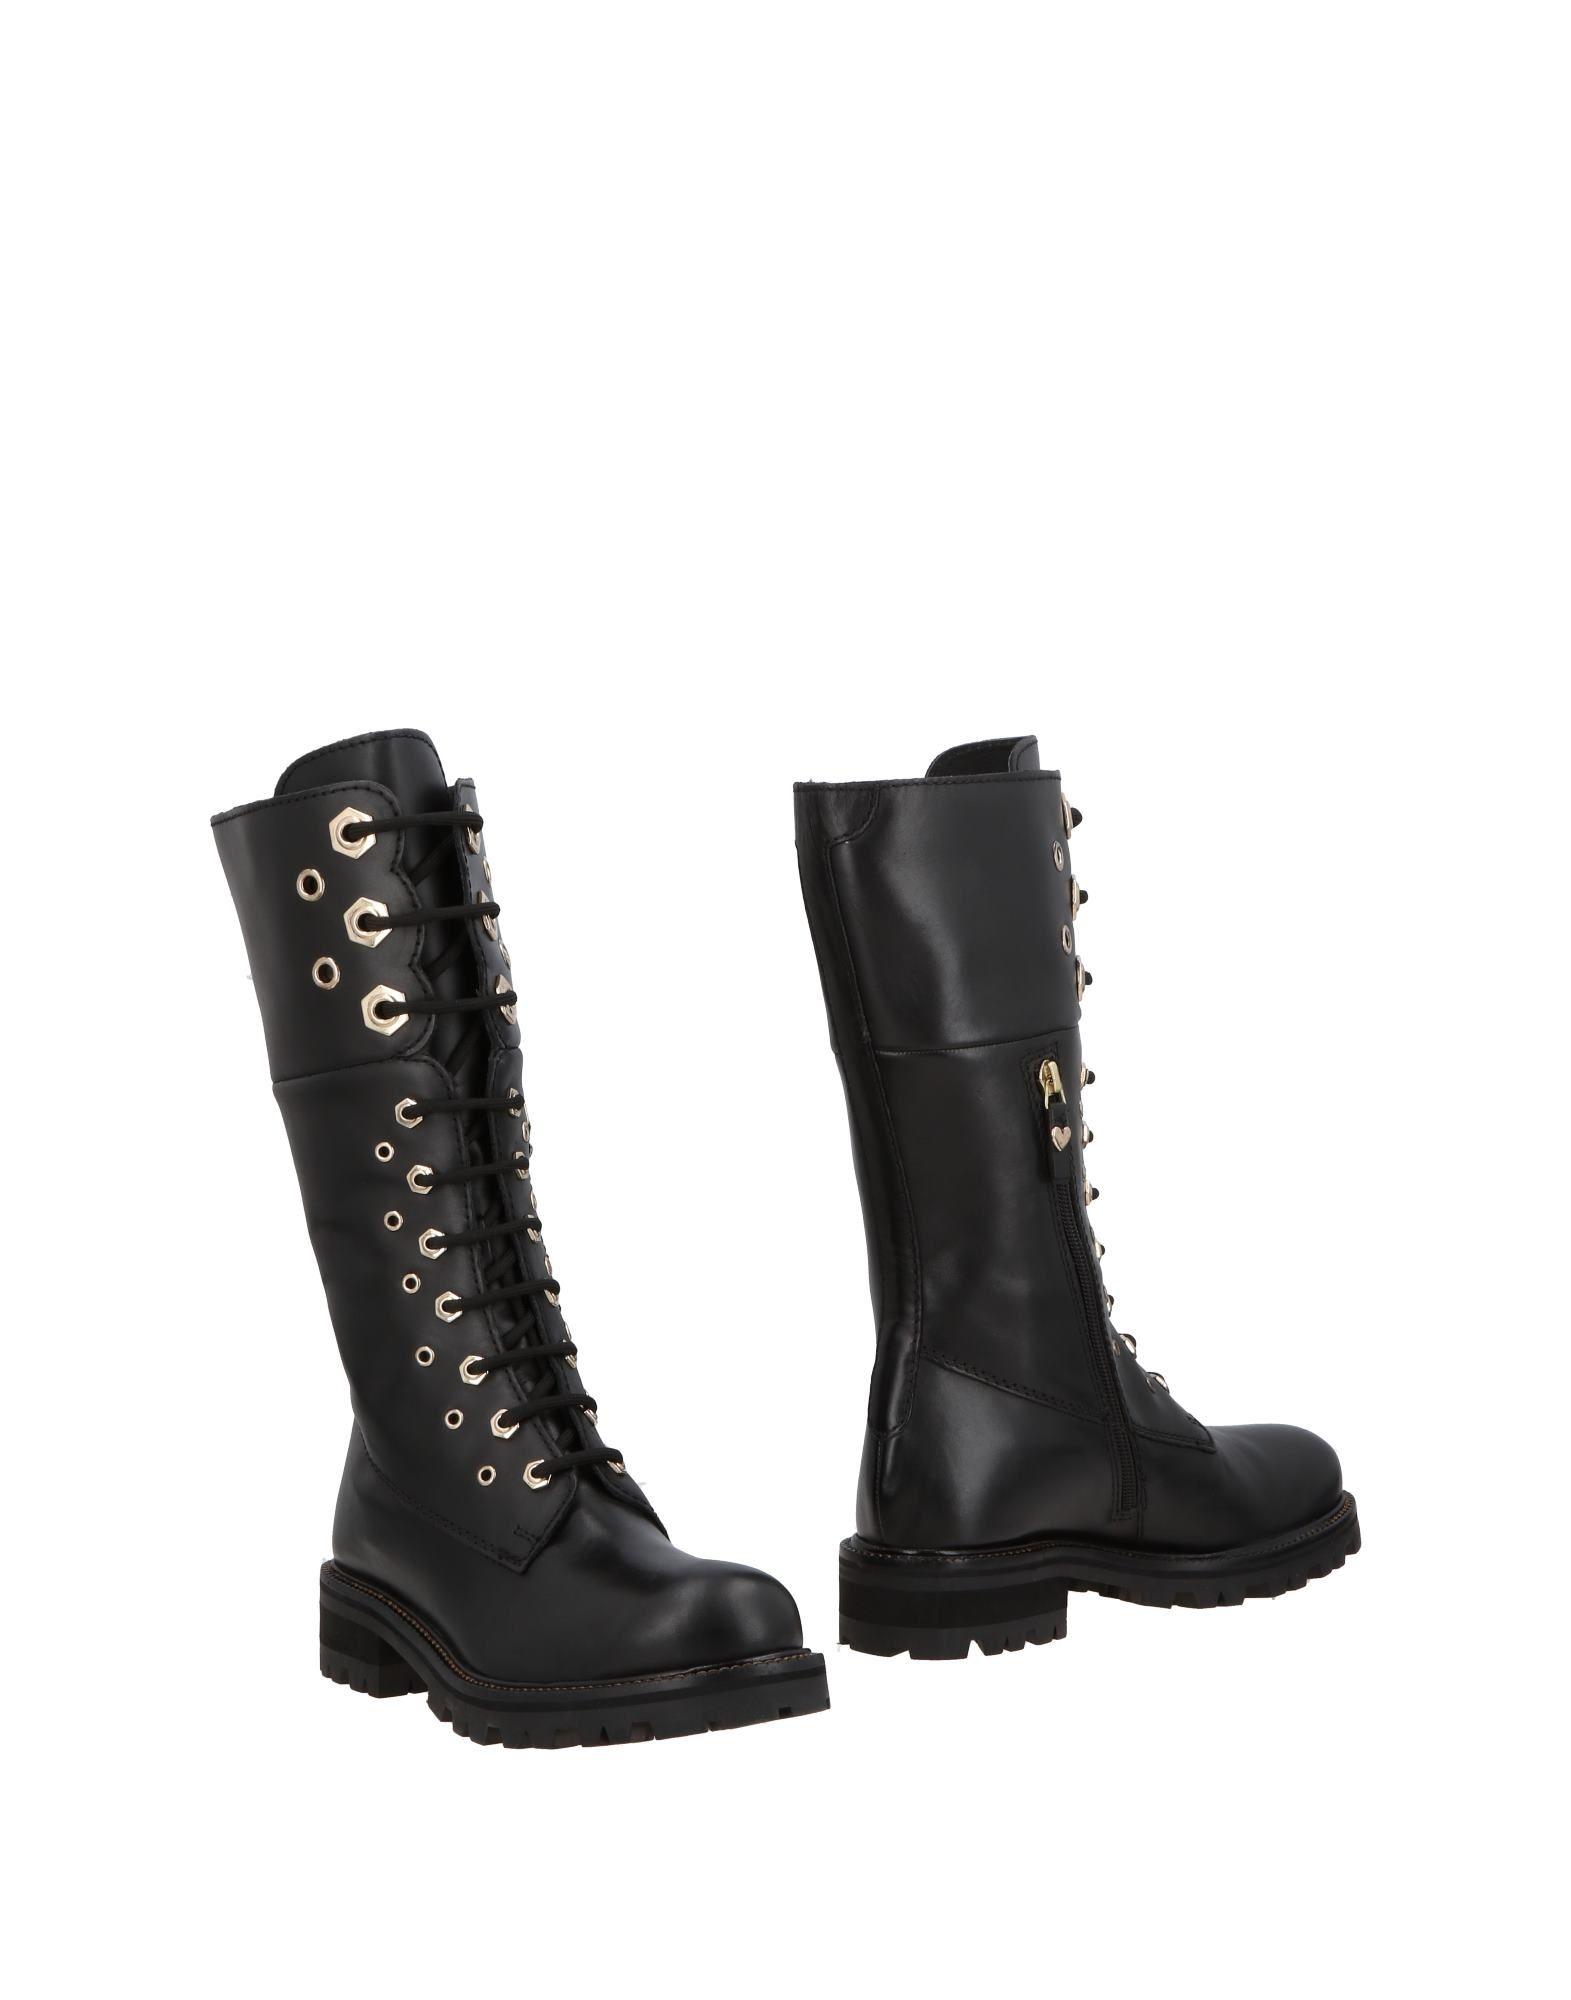 Haltbare Mode billige Schuhe Twin 11452186QX Beliebte Schuhe Schuhe Schuhe 902720